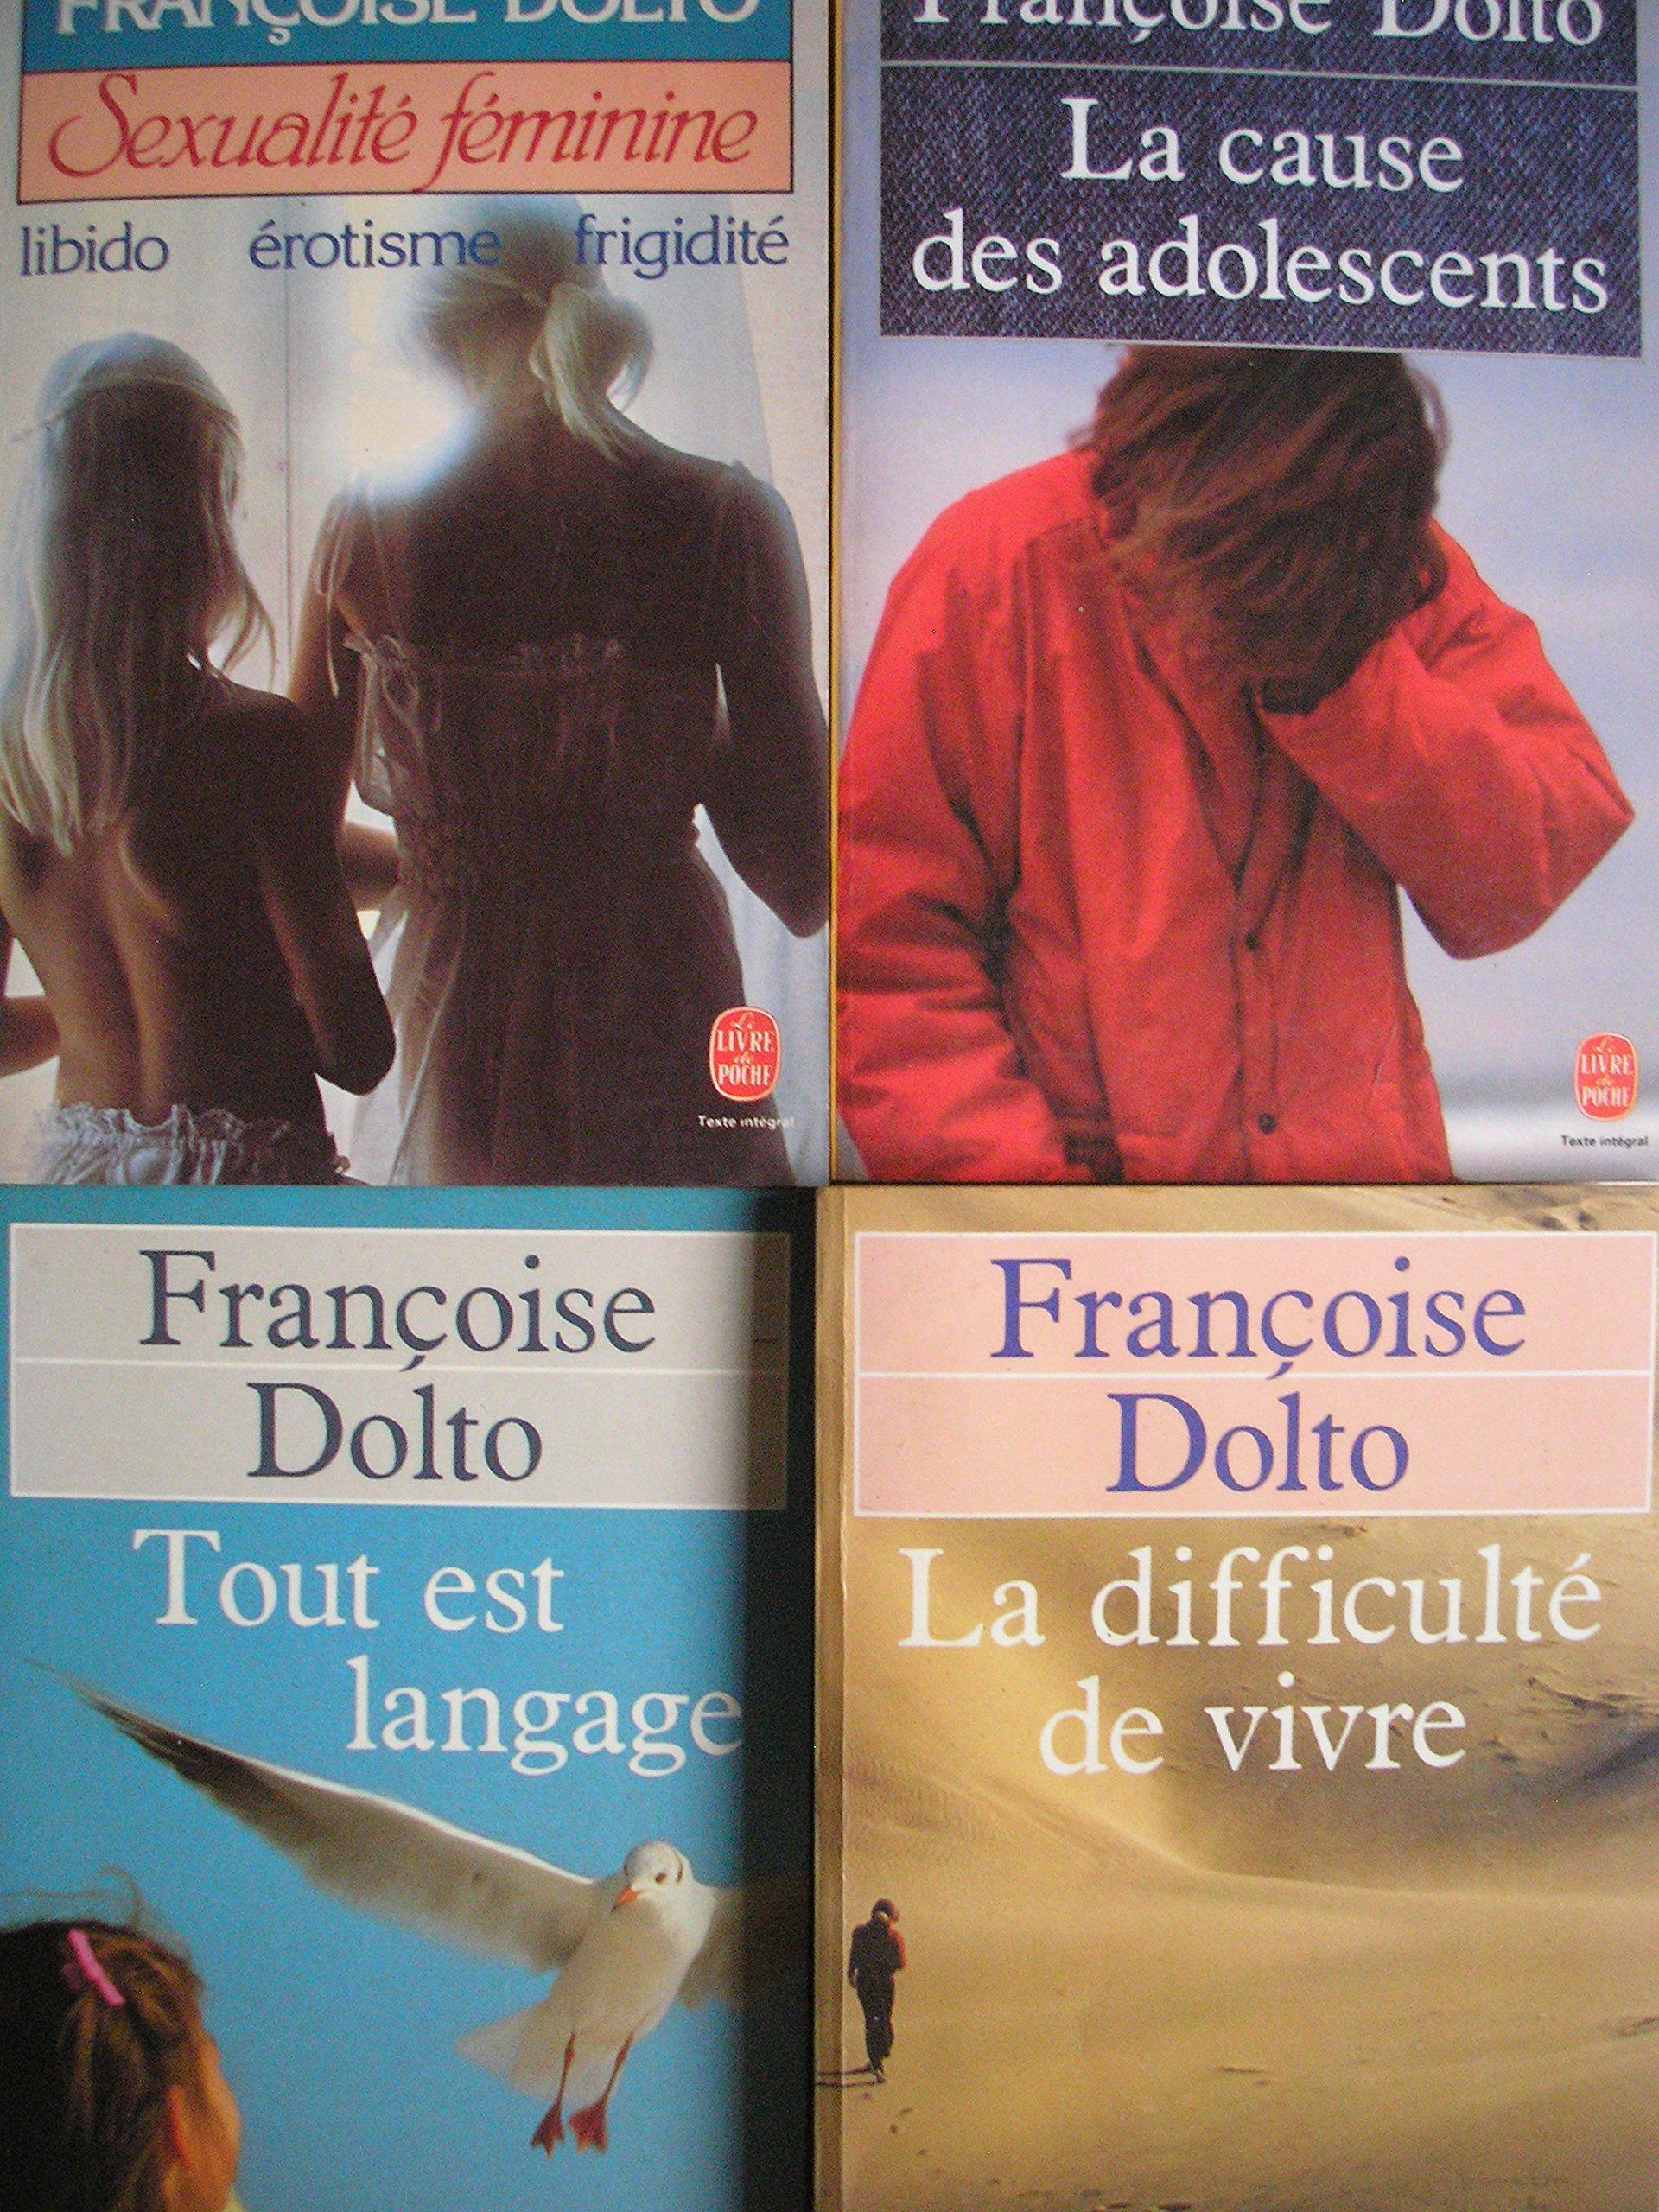 lot 4 livres francoise dolto : la cause des adolescents - tout est langage - la difficulté de vivre - sexualité féminine / libido , érotisme , frigidité